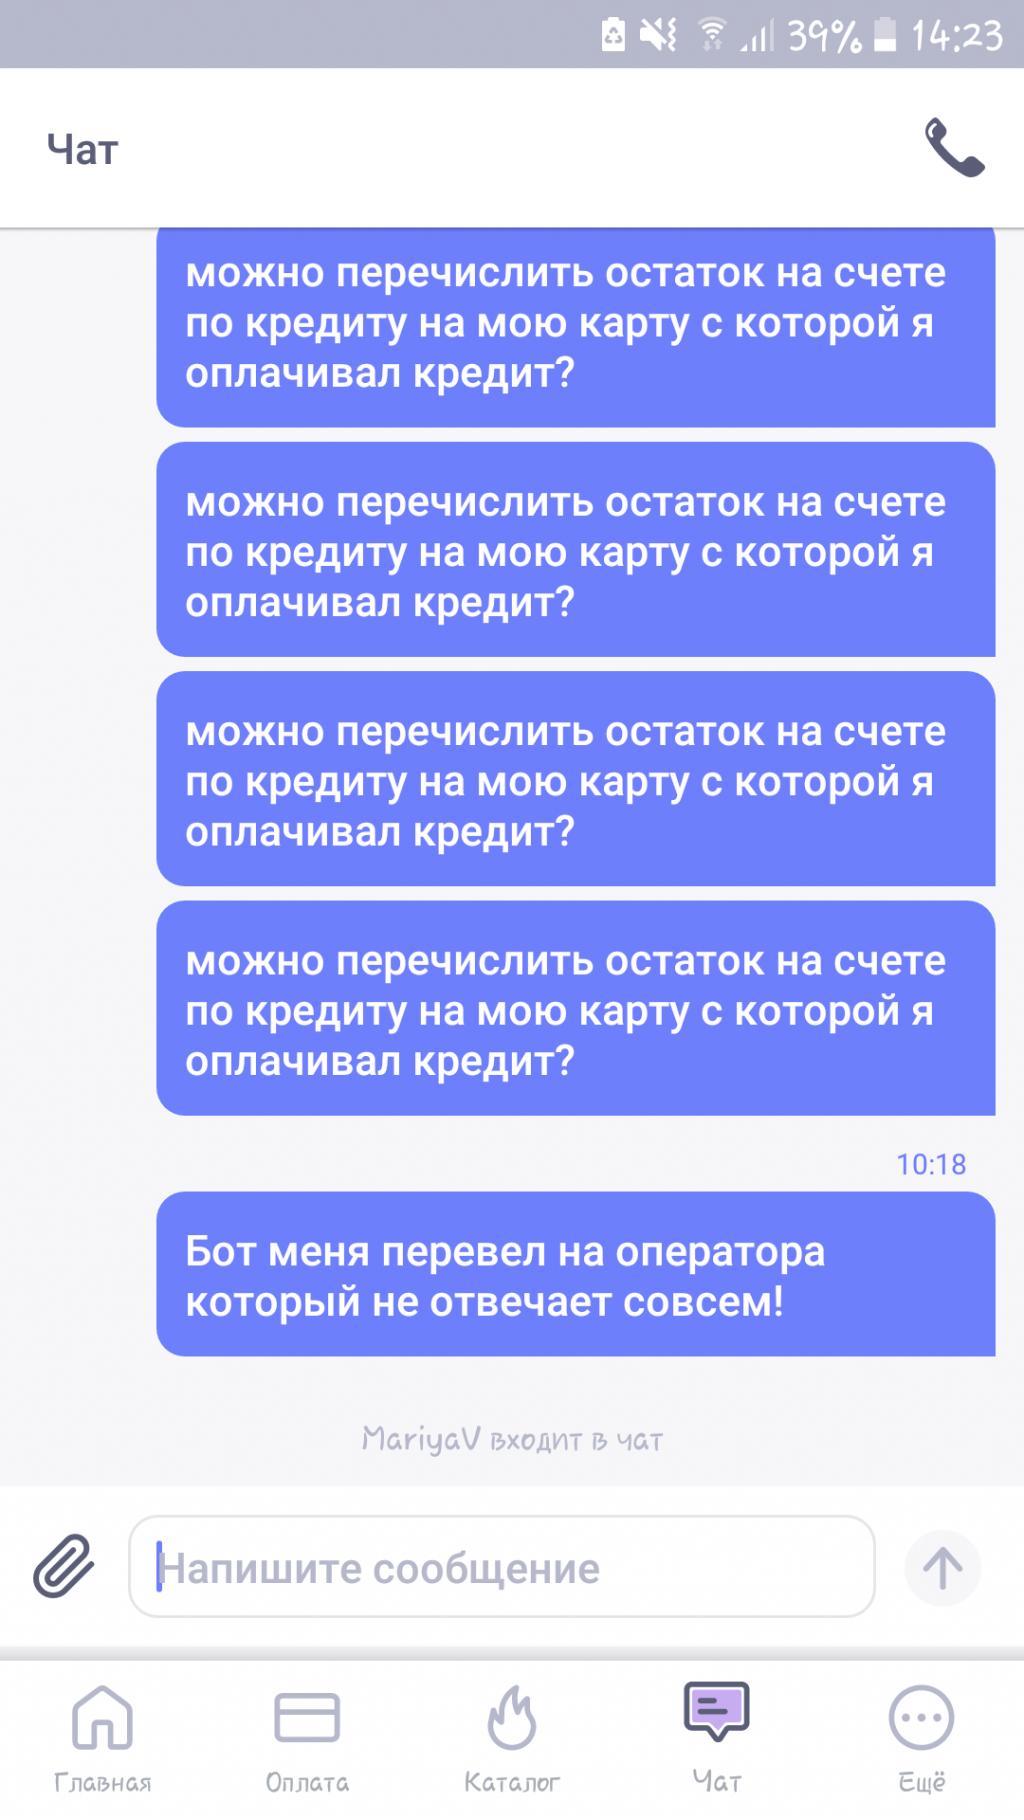 Банк Хоум Кредит - Позорище банк!